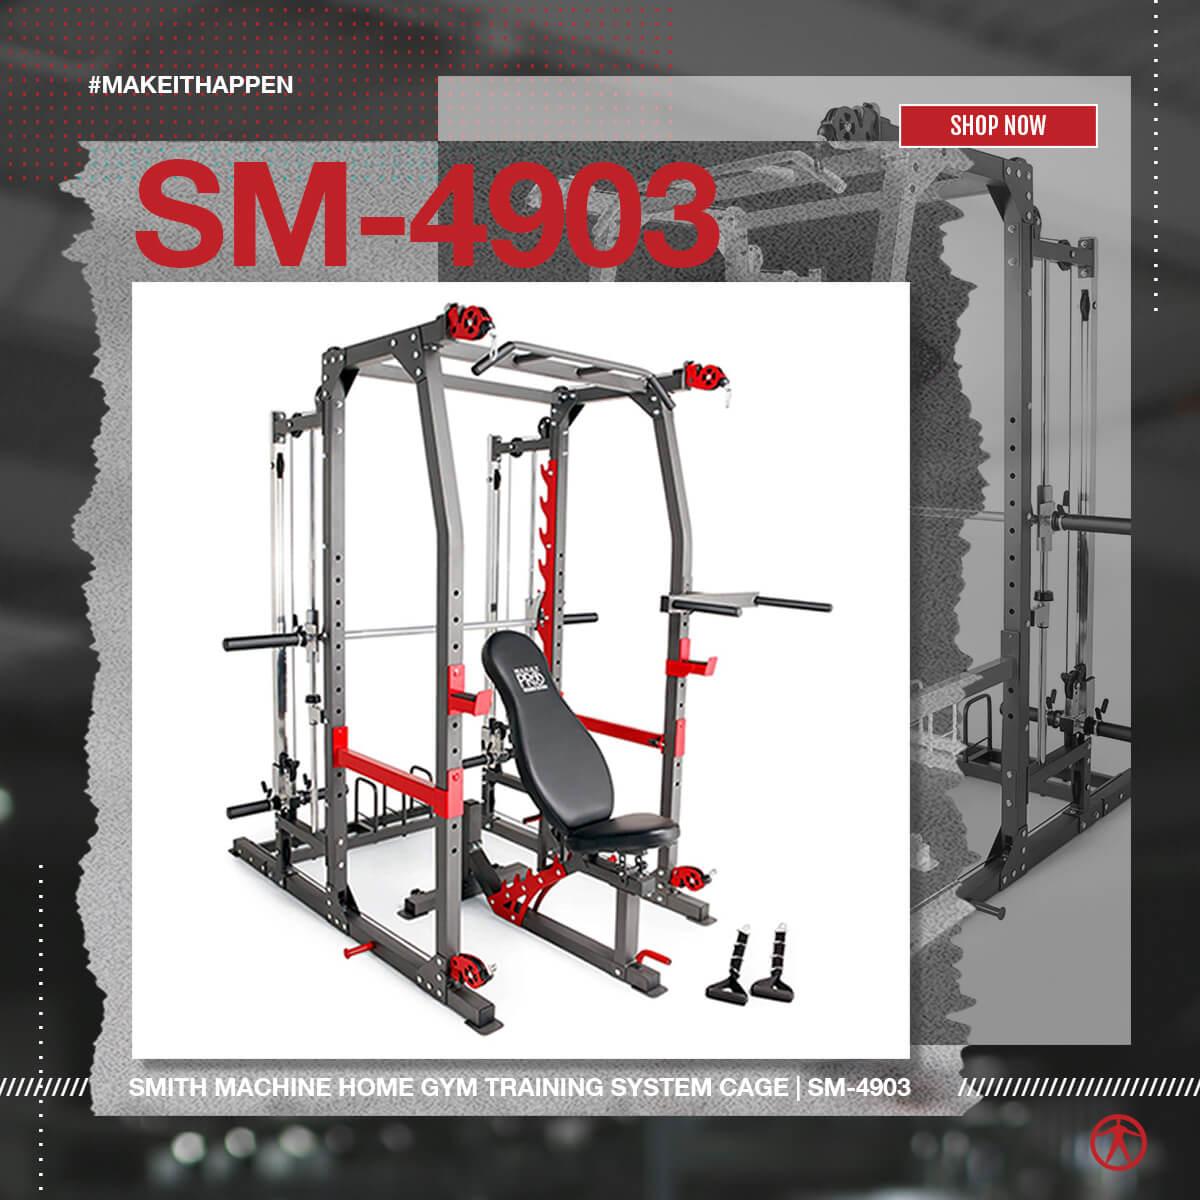 SM-4903 Smith Machine Cage System Home Gym